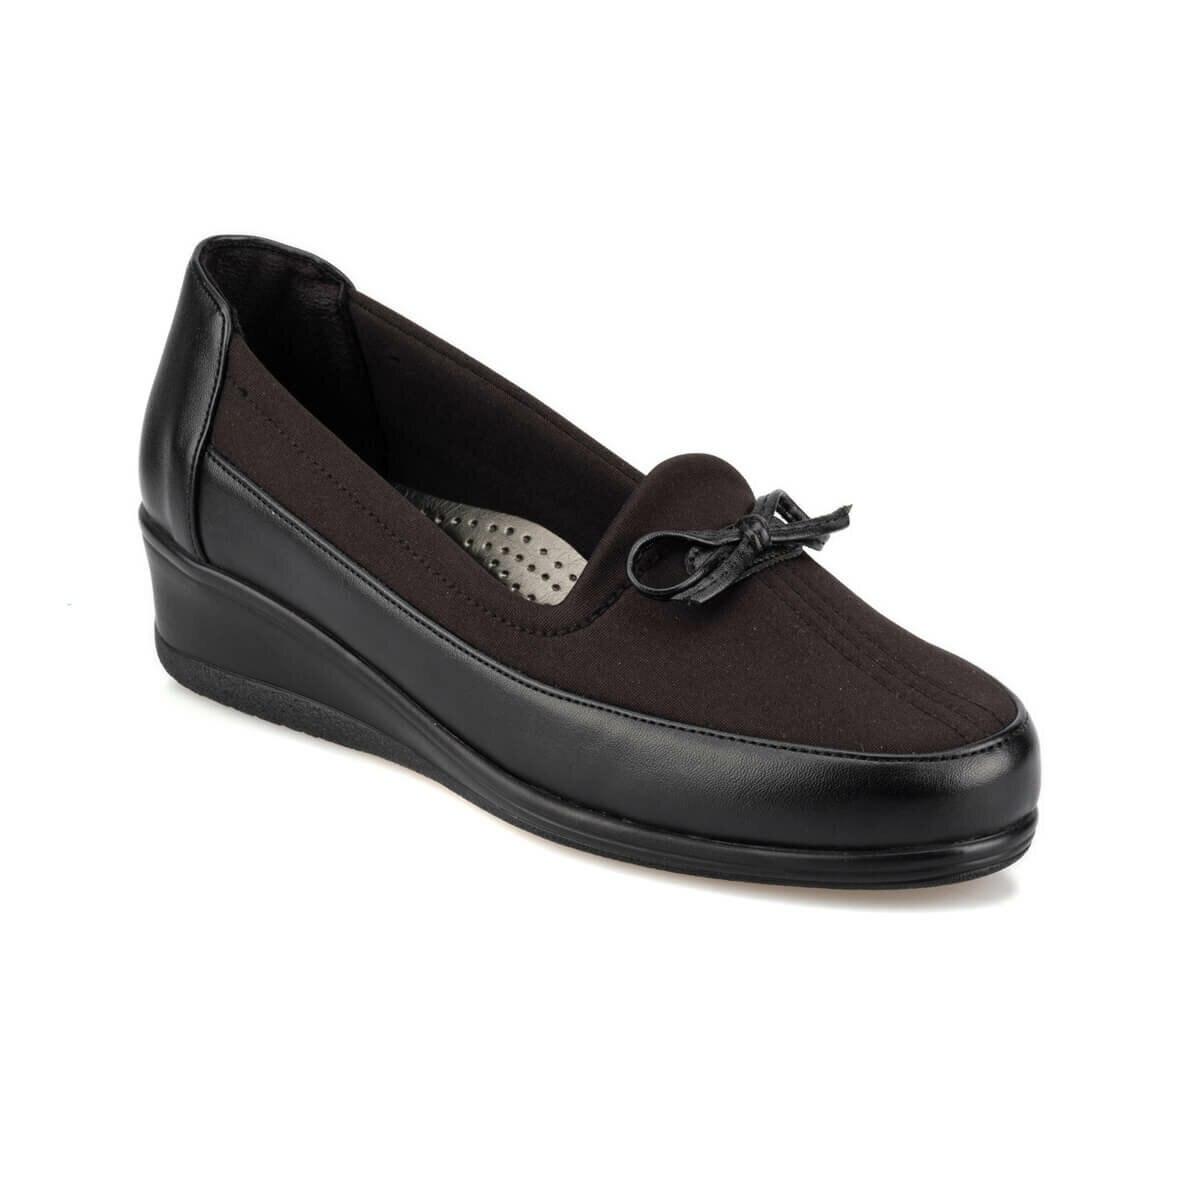 FLO 92. 150034.Z Black Women 'S Wedges Shoes Polaris